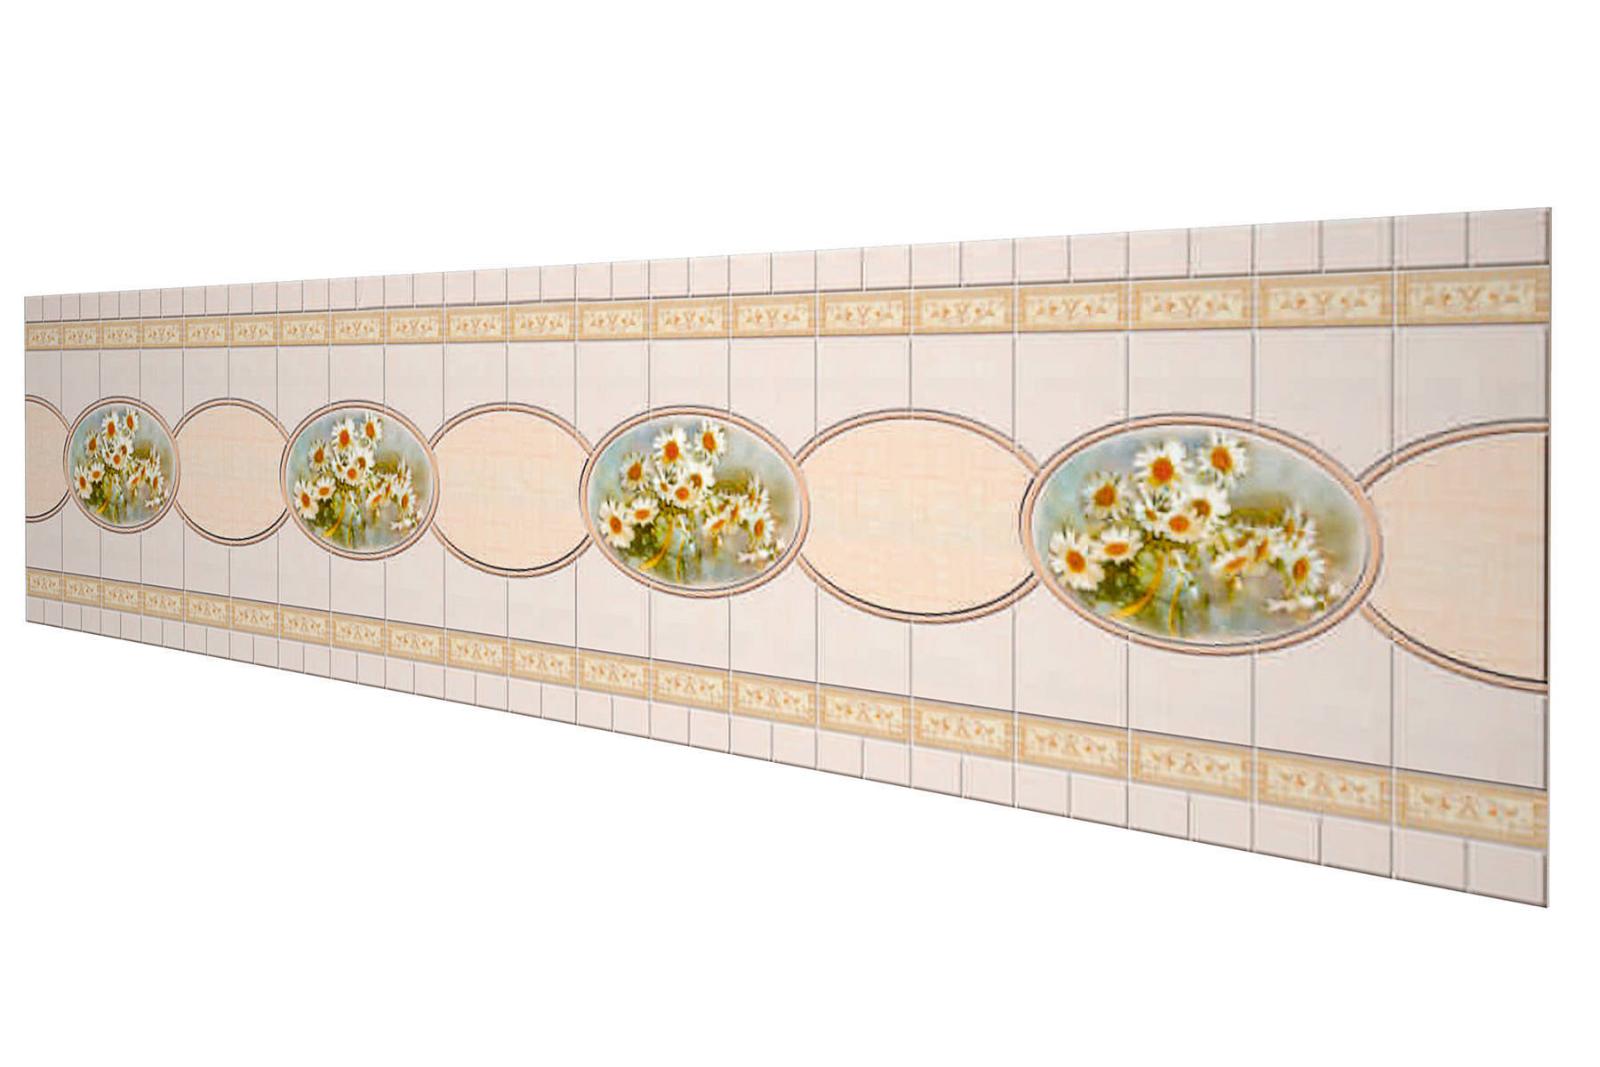 Стеновые панелиКухонные панели - фартуки, в цвет столешницы или с фотопечатью, панели под плитку,камень или однотонные...